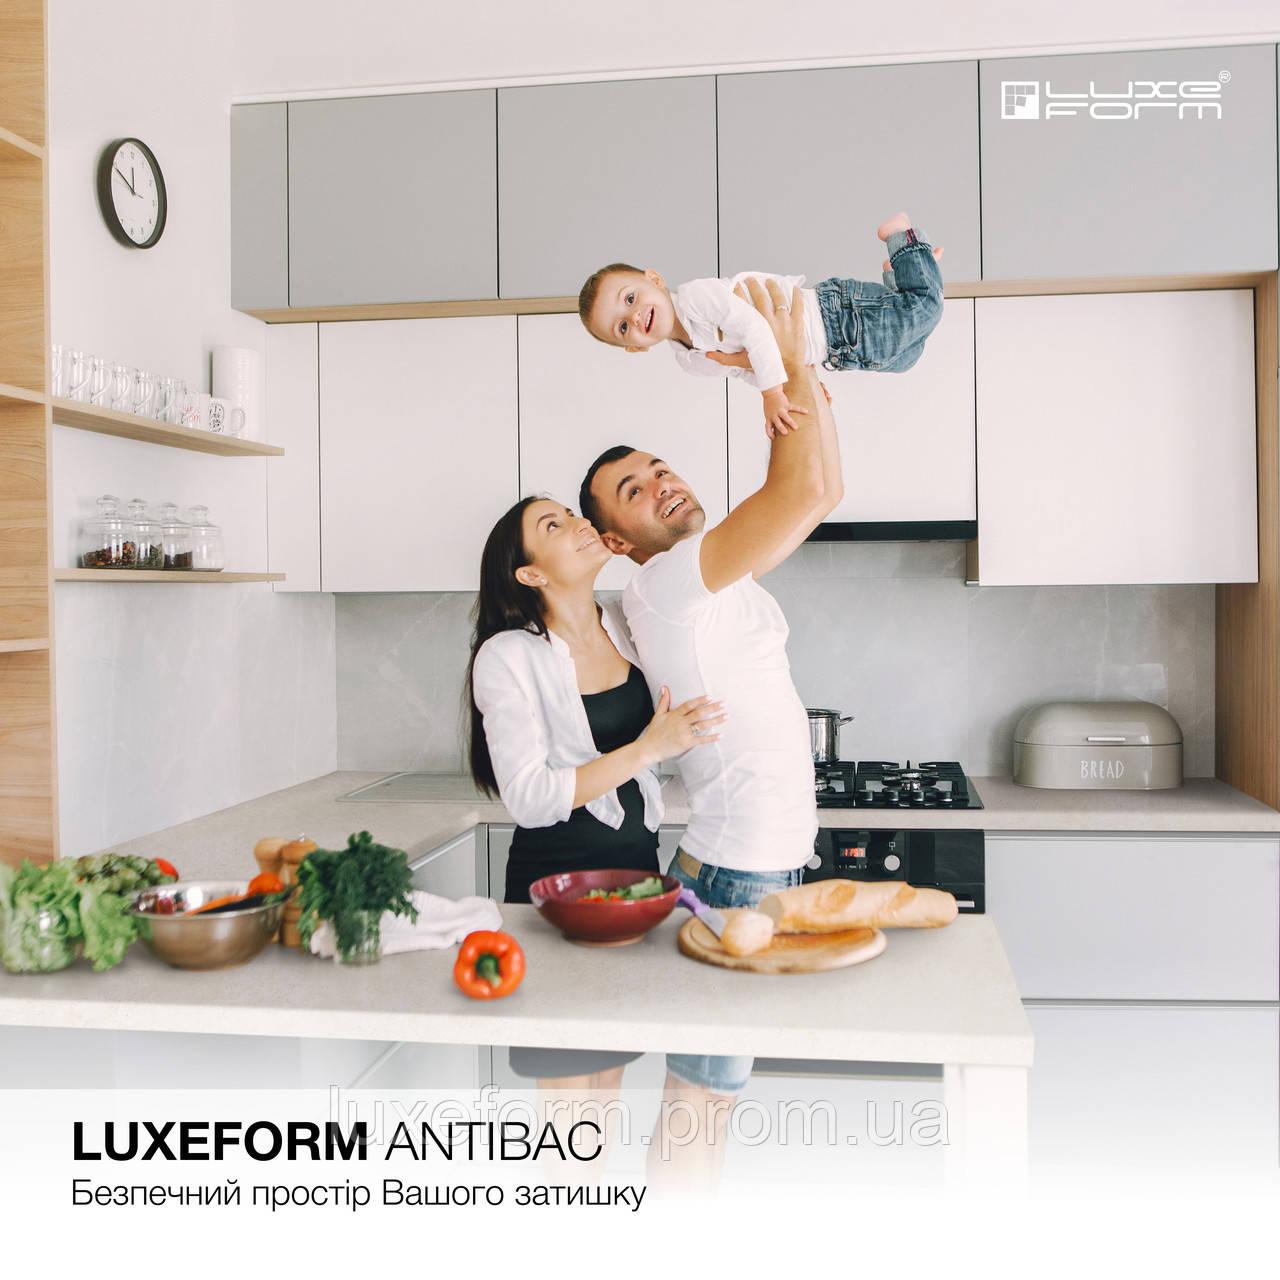 LuxeForm Antibac – надійний помічник для підтримки чистоти!